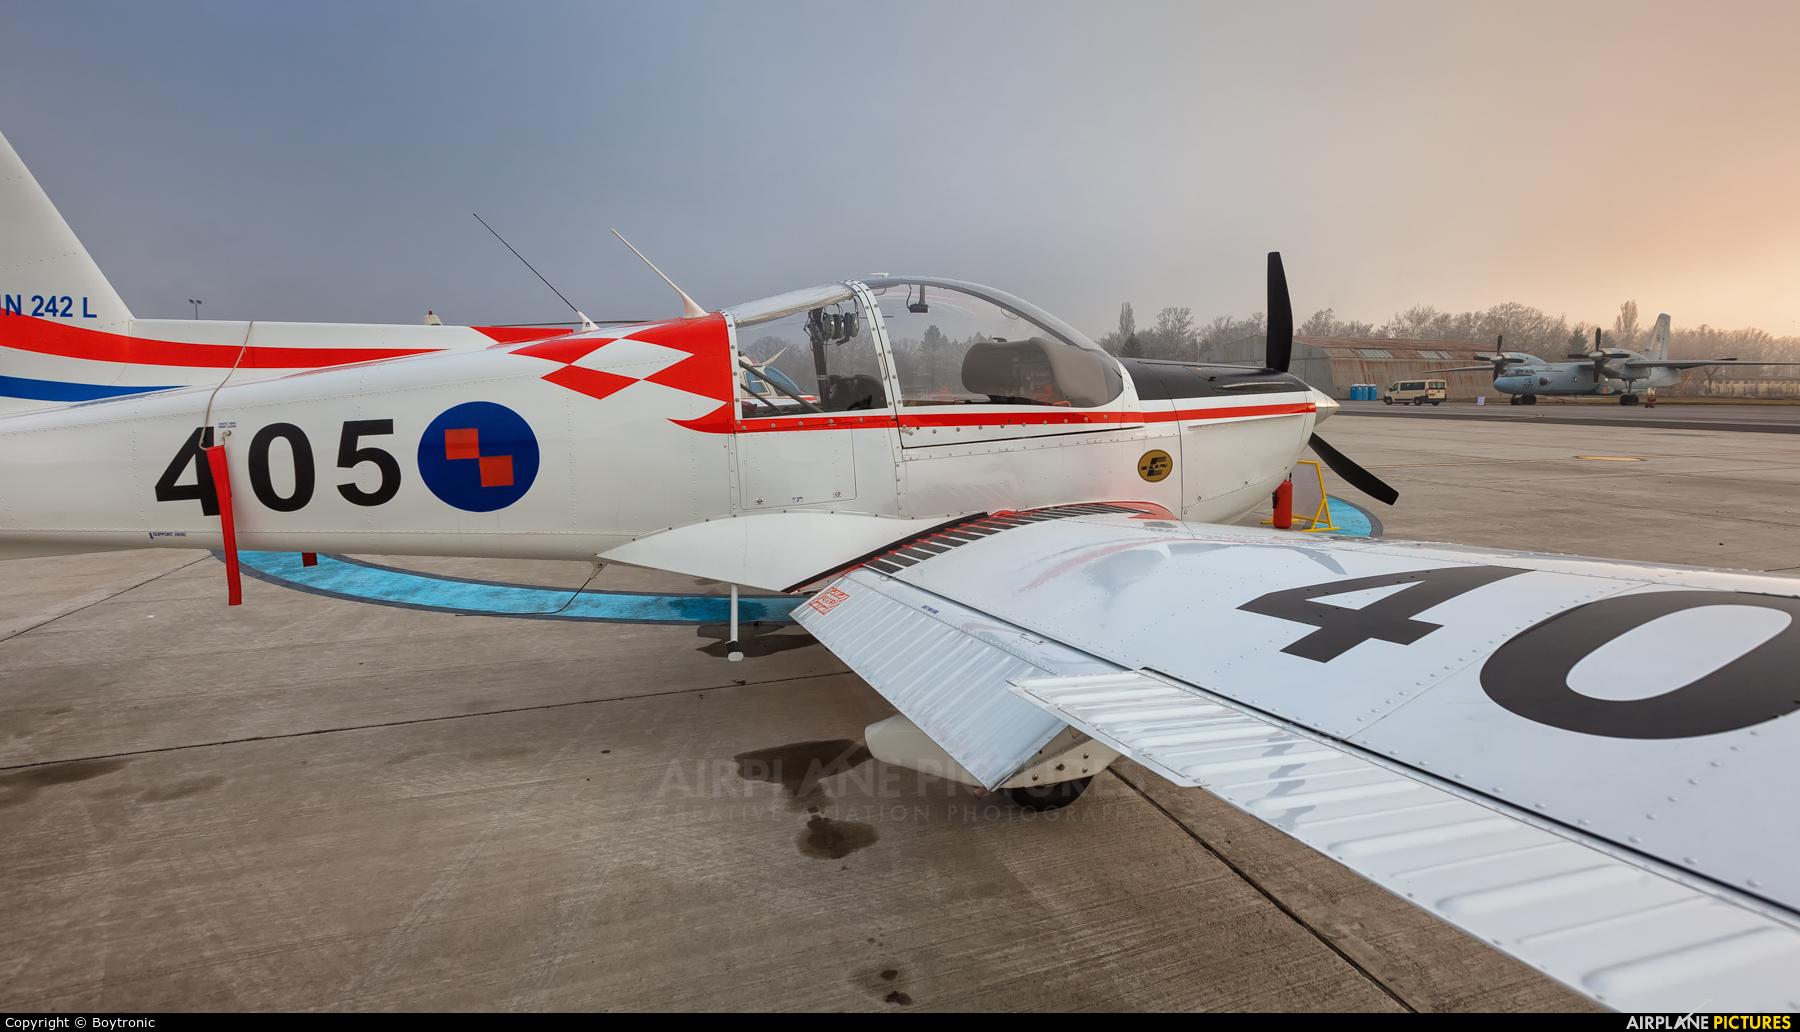 Croatia - Air Force 405 aircraft at Zagreb